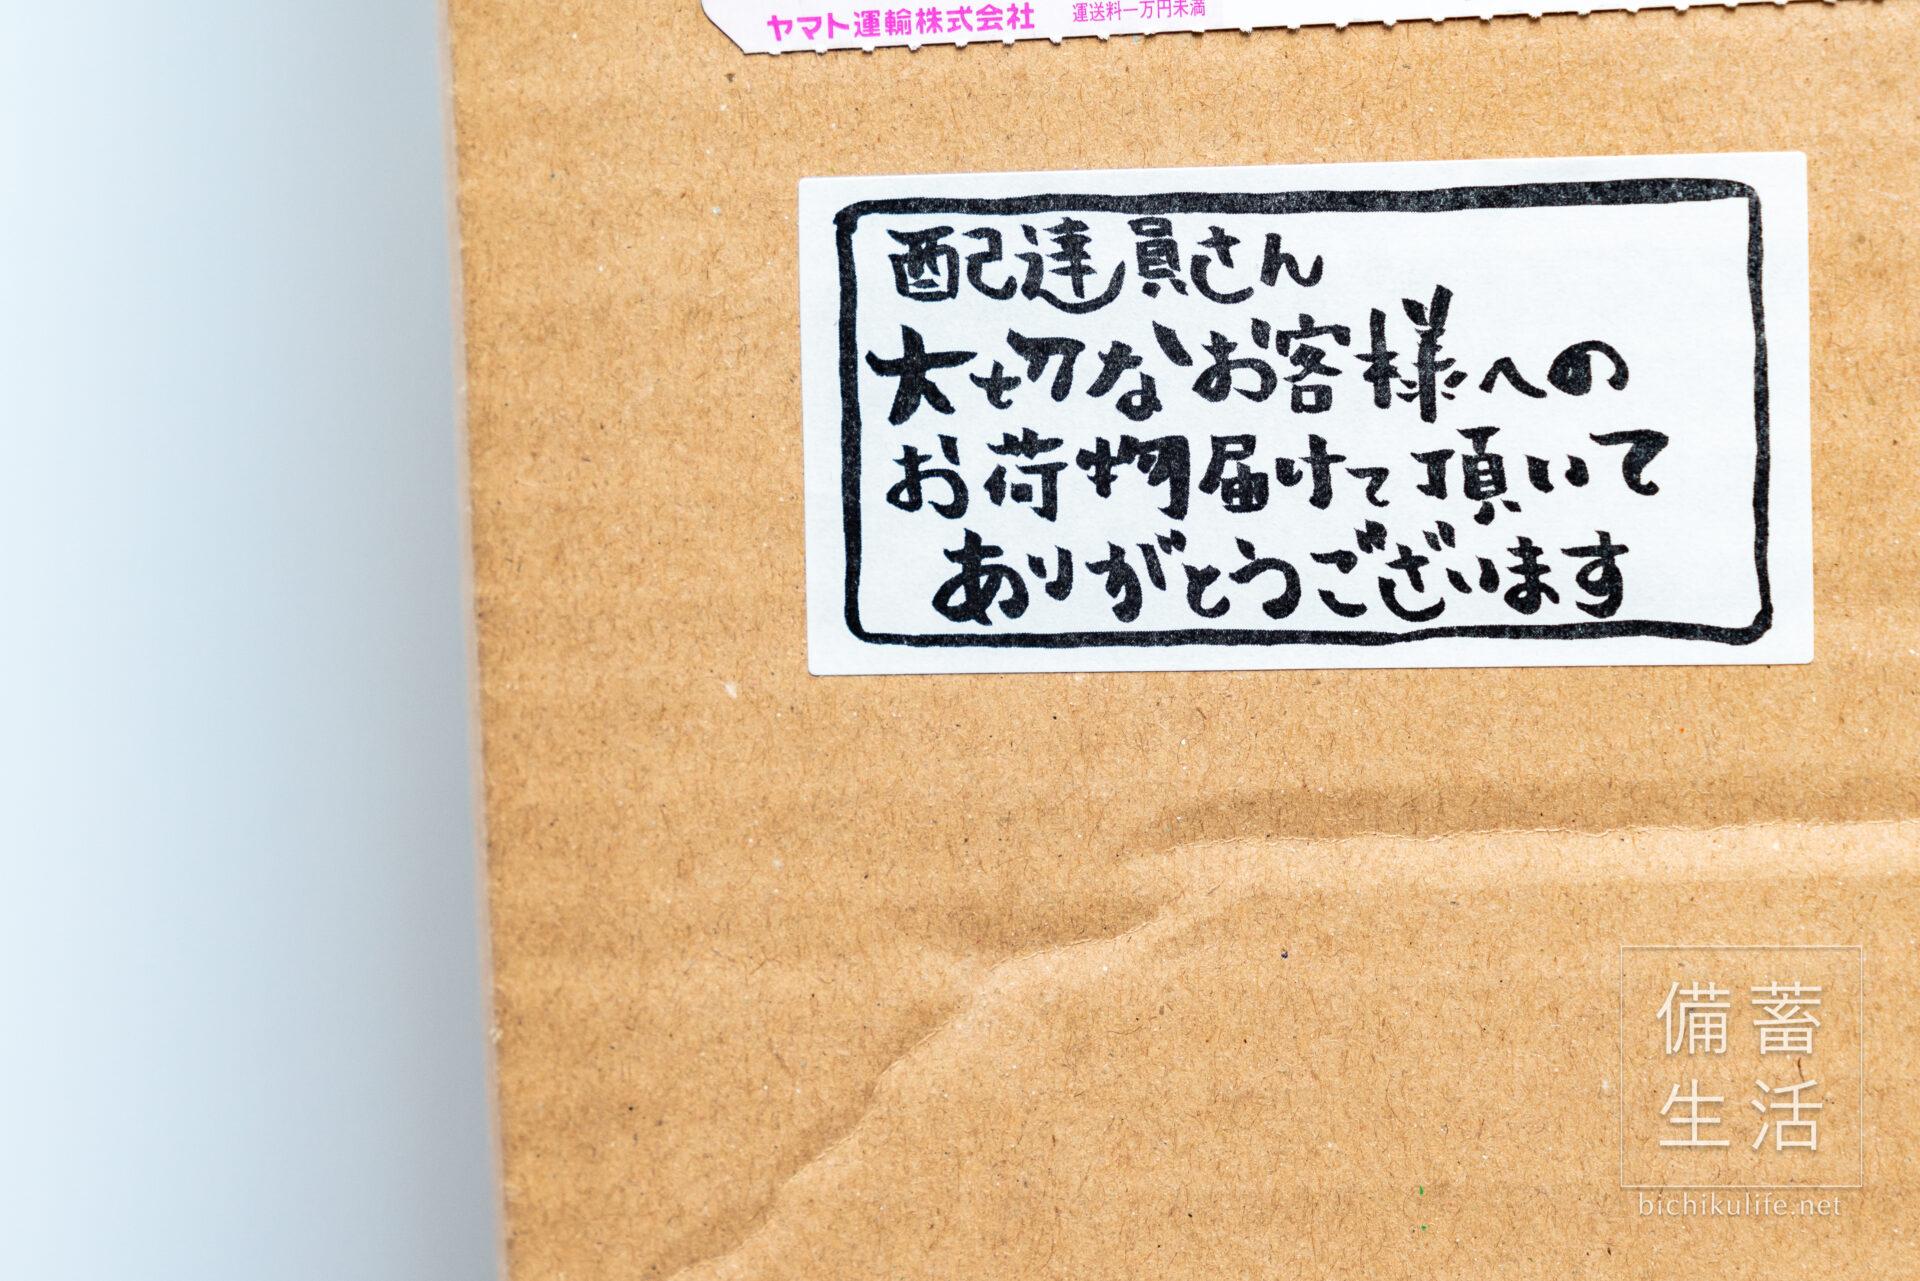 北海道産ゆめぴりか玄米 無農薬・無化学肥料